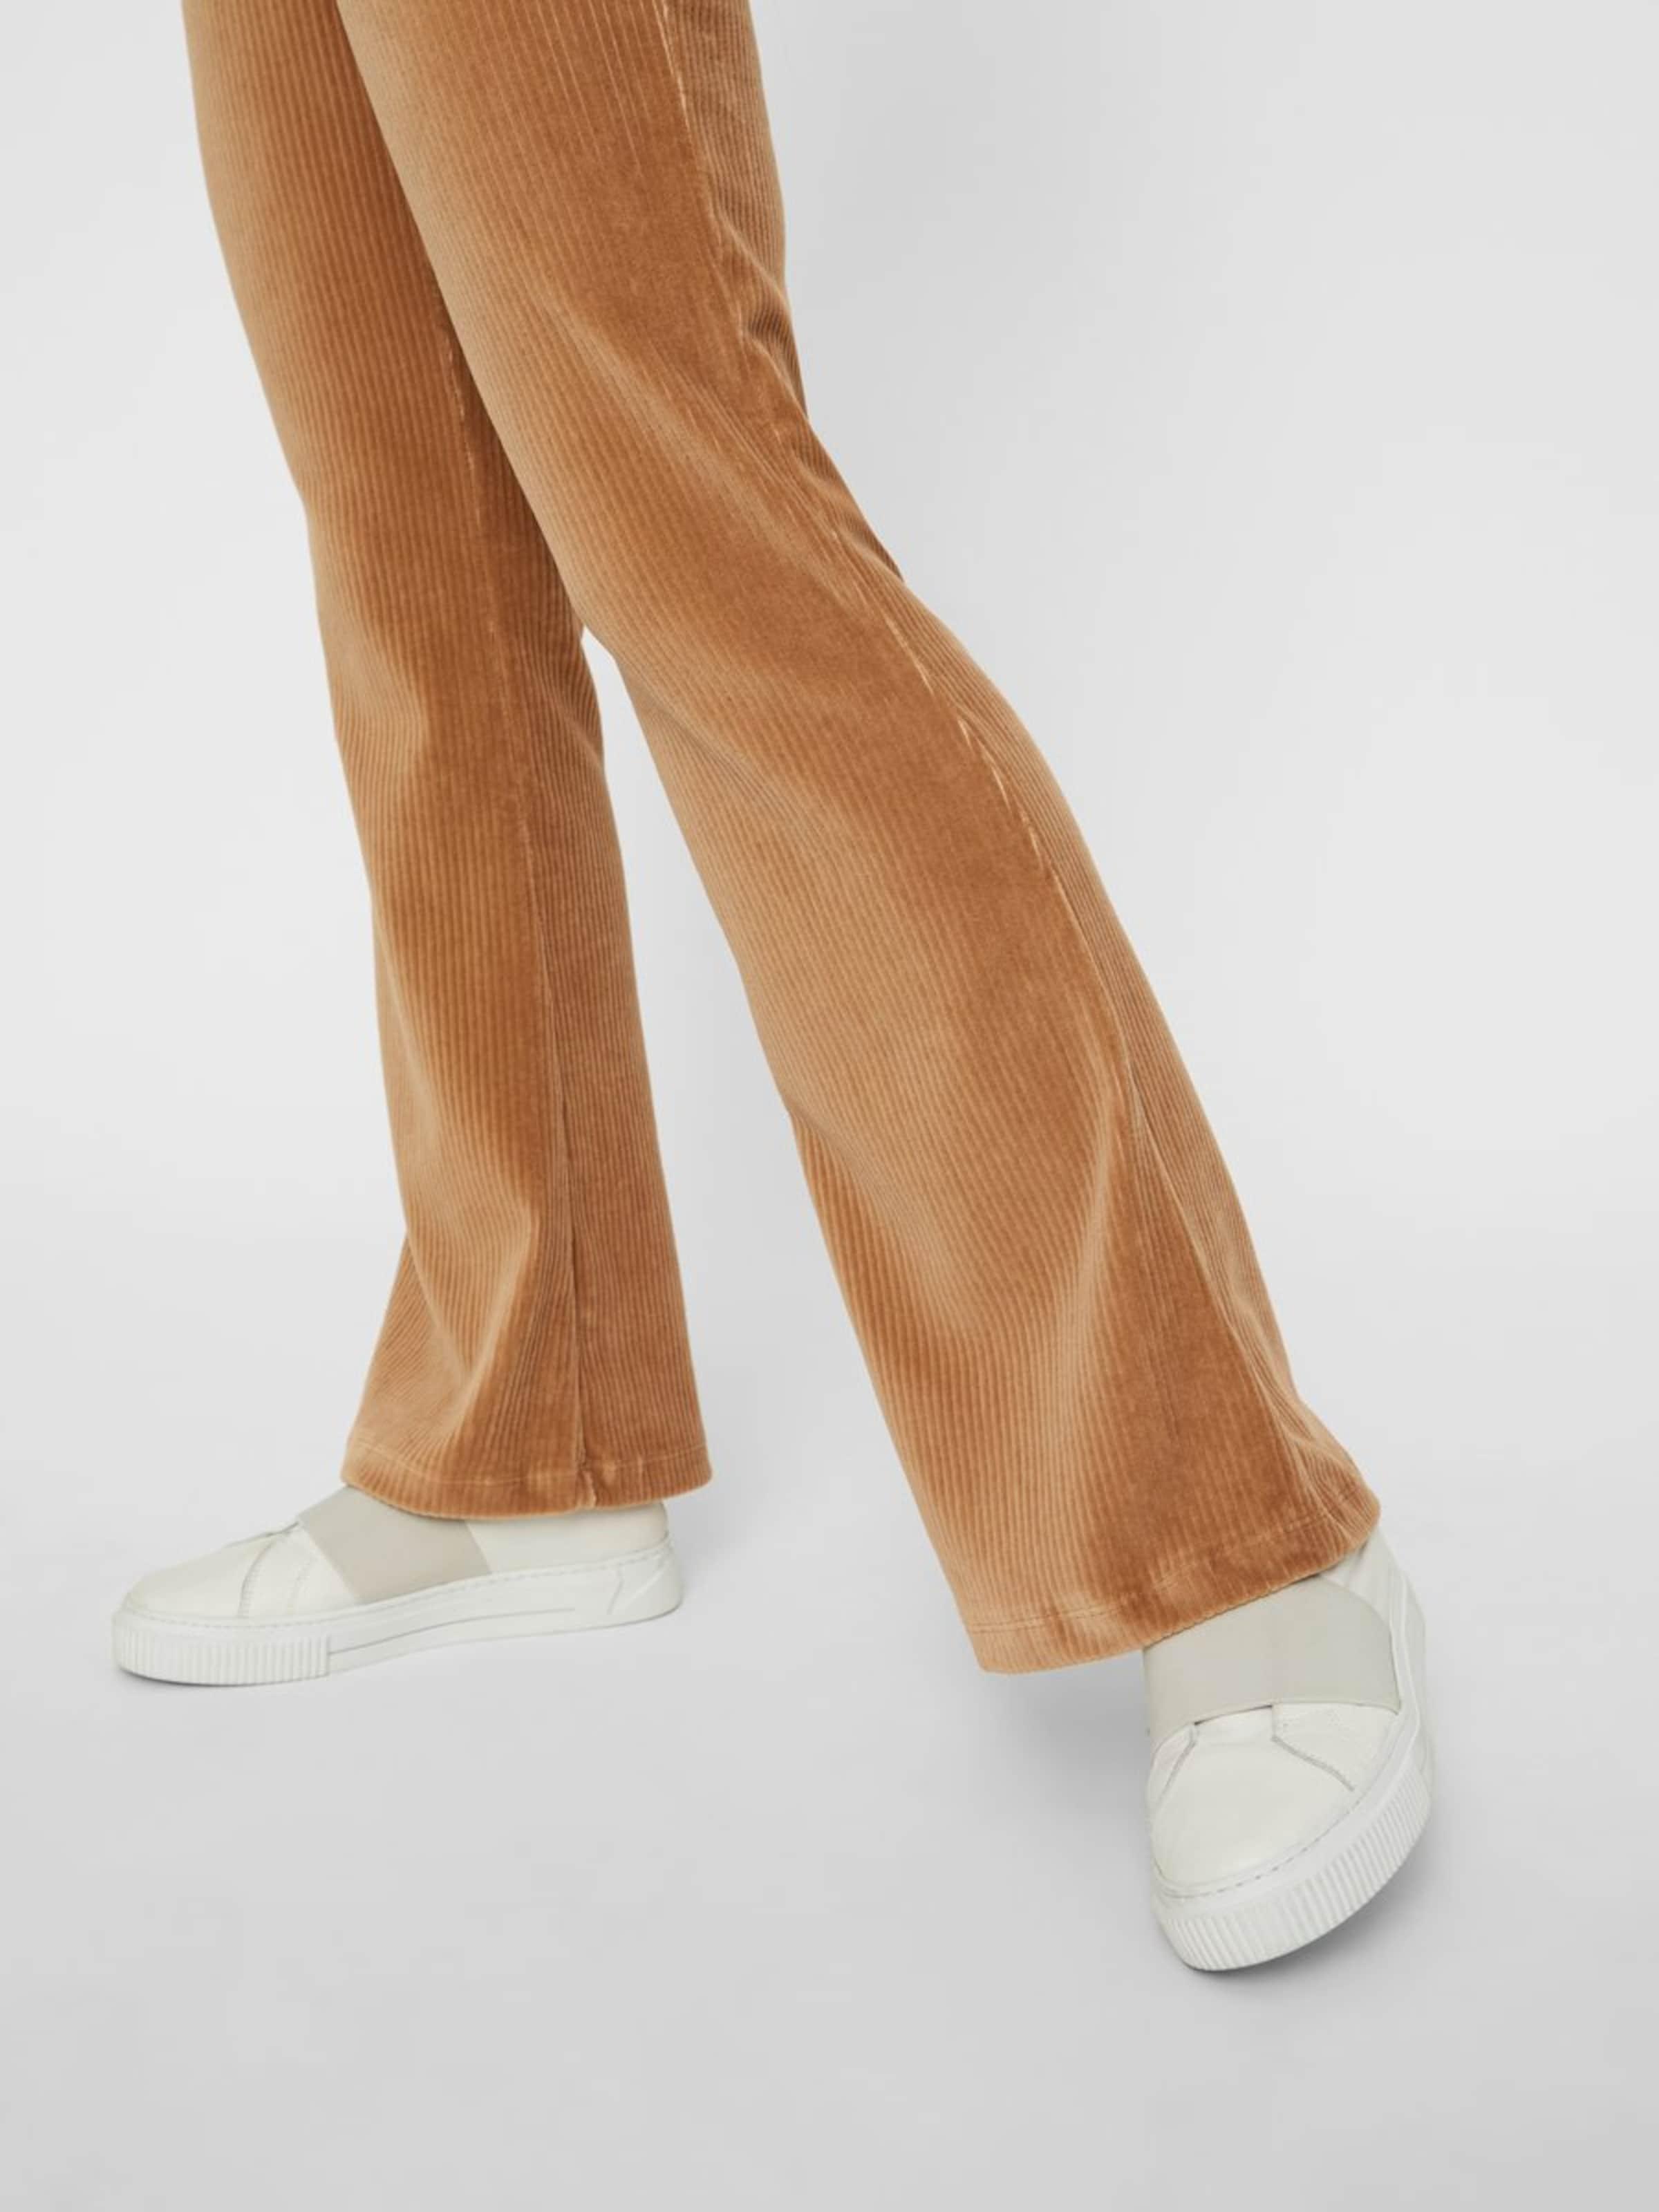 Pantalon Pieces Pantalon Cognac En Cognac Cognac Pieces Pantalon En En Pieces Pieces MqSVpUz